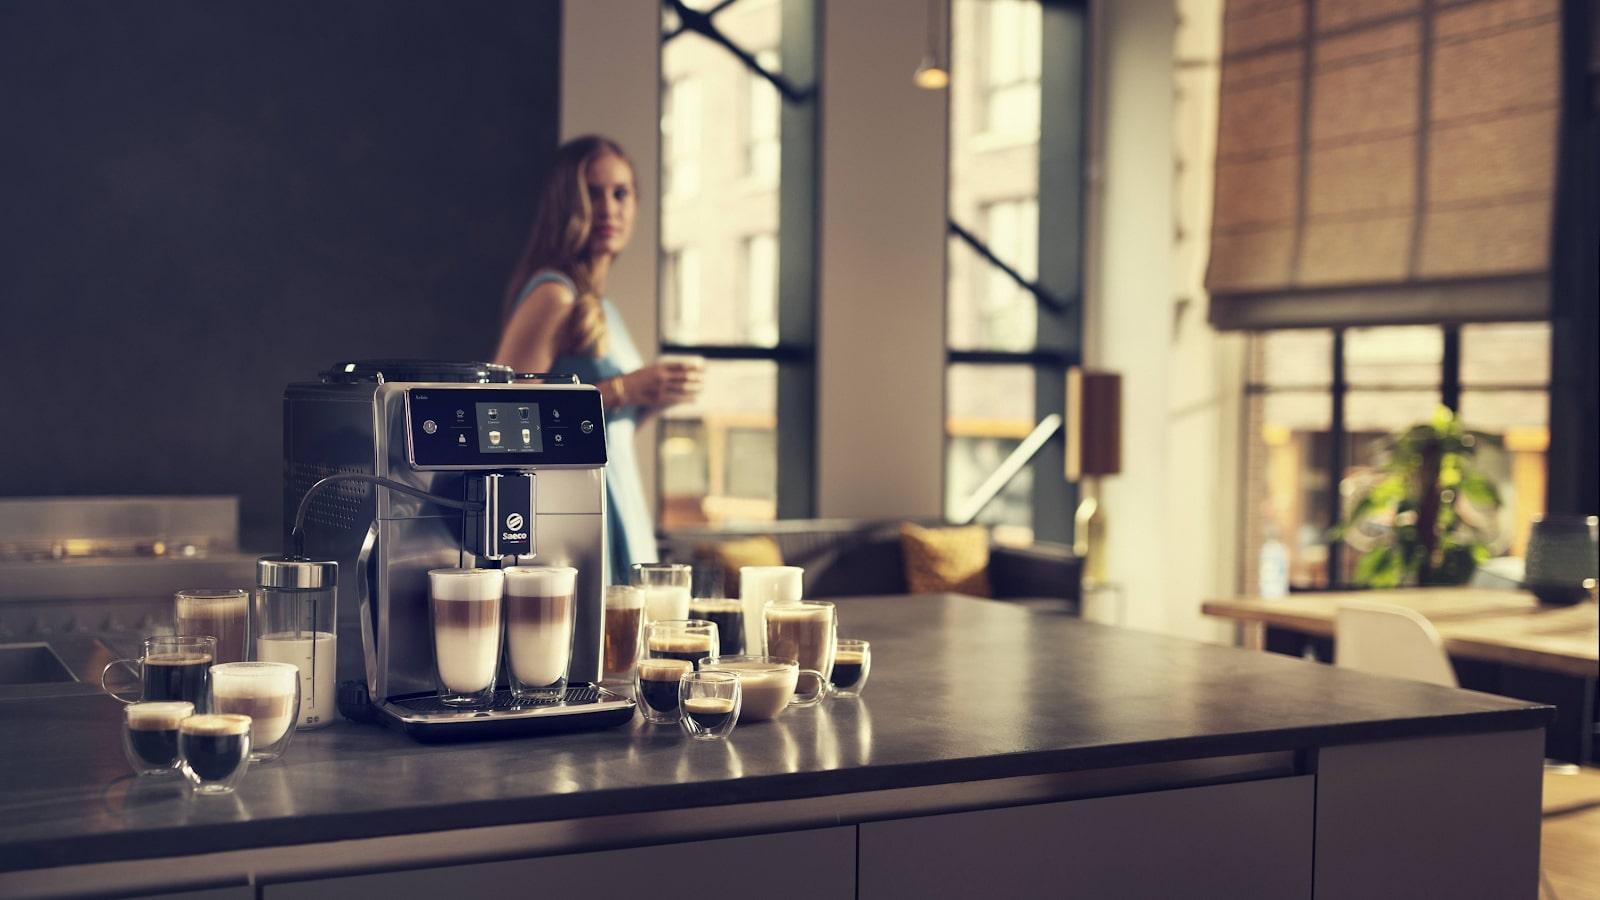 chọn máy pha cà phê